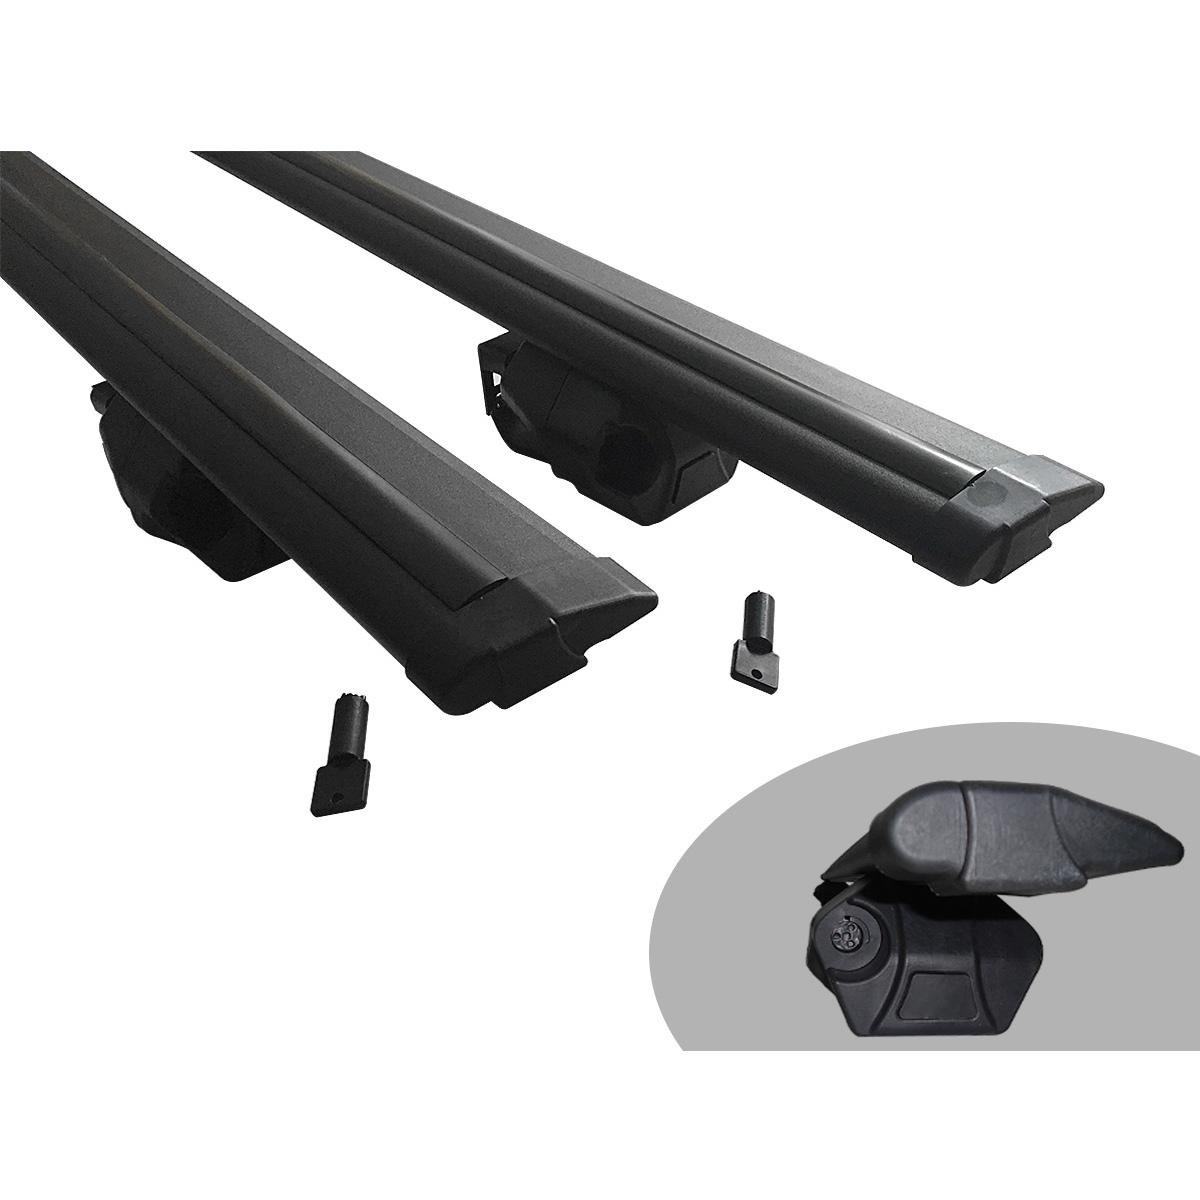 Travessa rack de teto Procargo preta Sorento 2010 a 2013 com trava de segurança